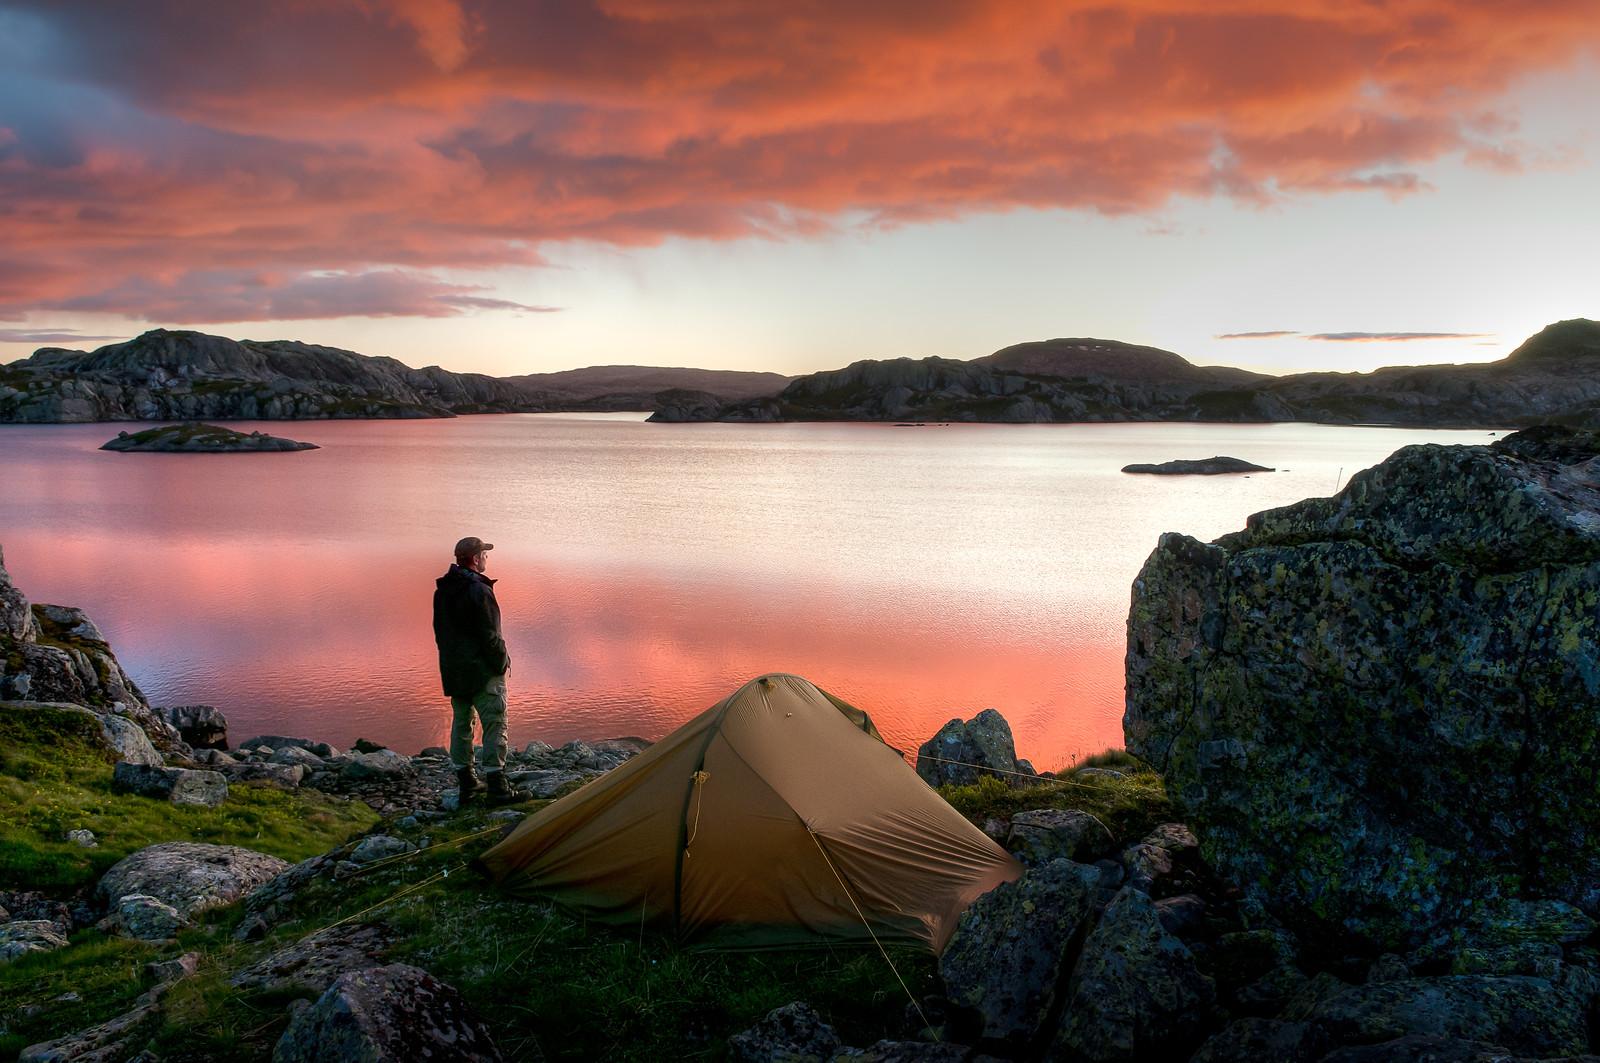 Mann og telt i solnedgang